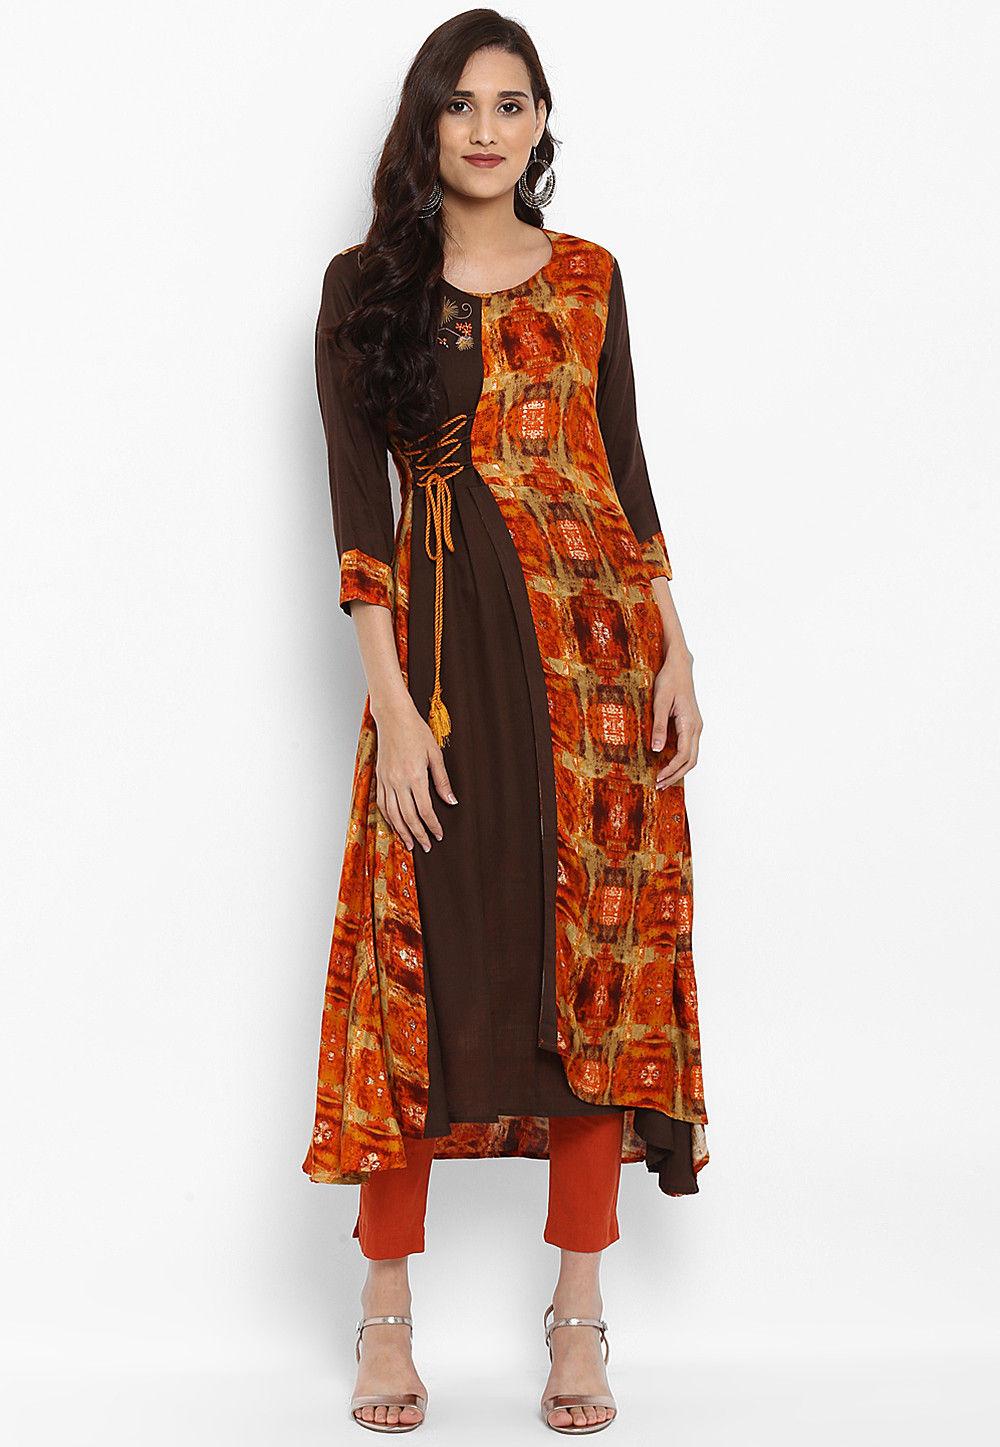 Printed Rayon Layered Kurta in Orange and Brown